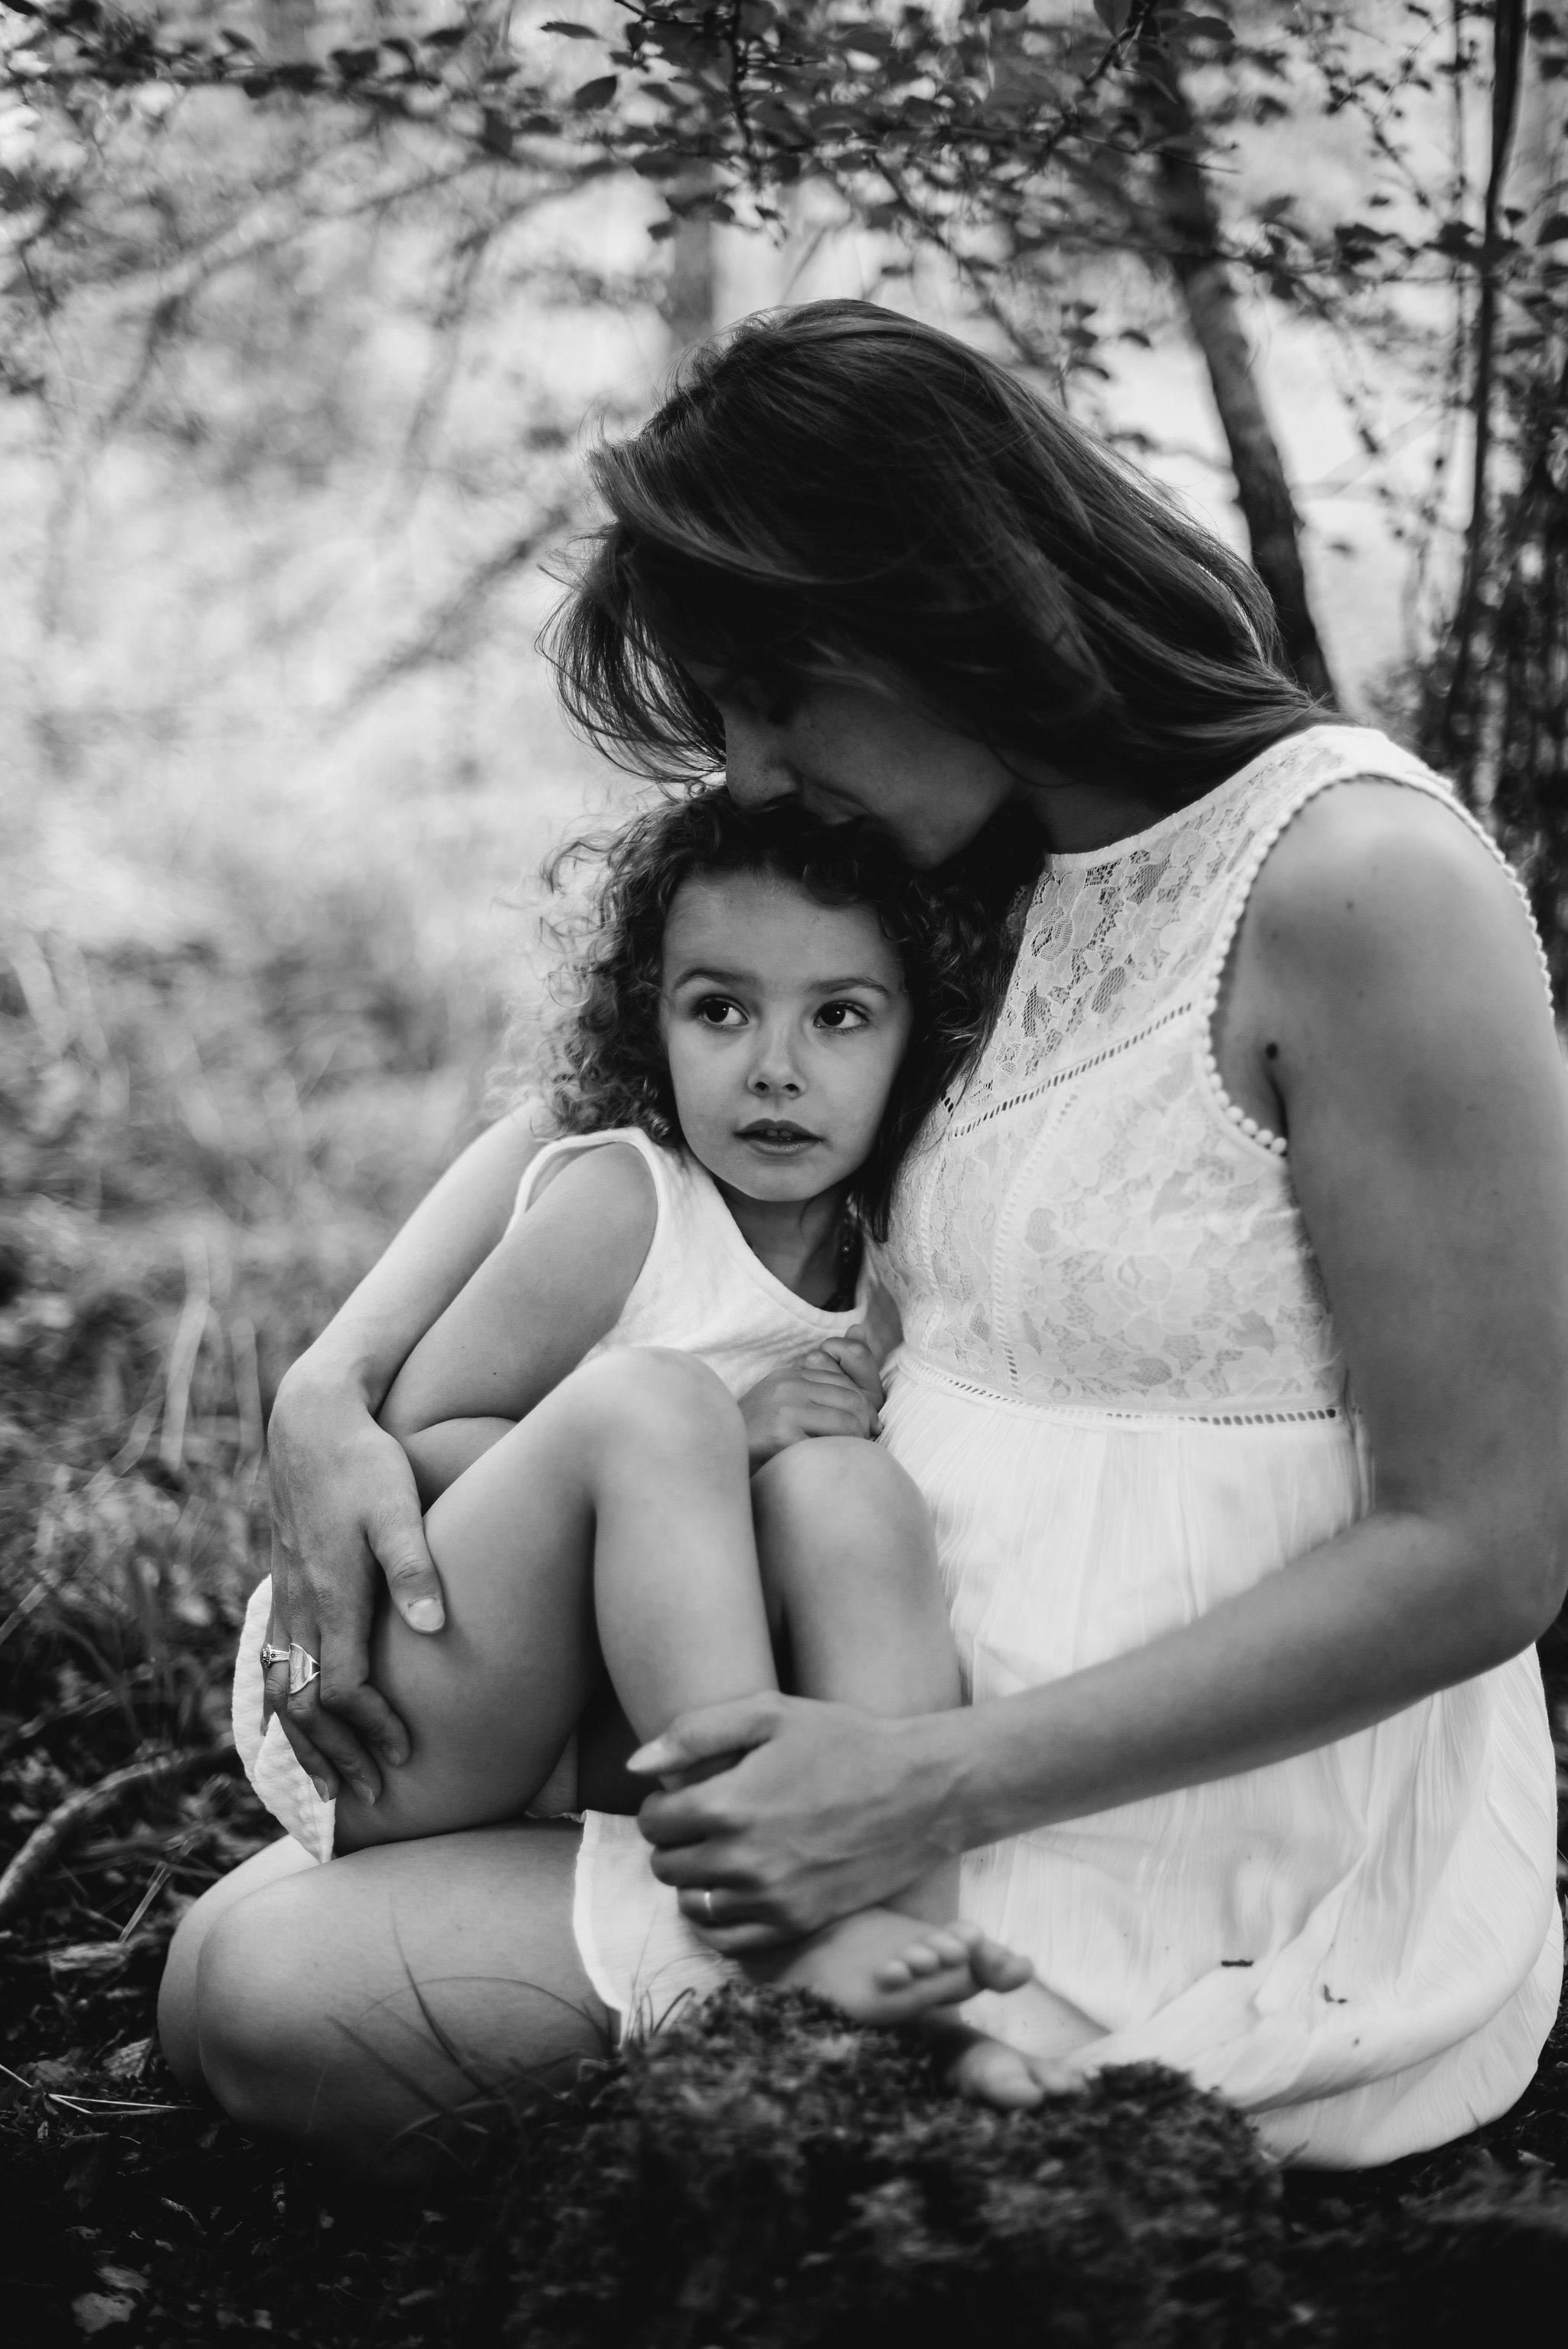 Léa-Fery-photographe-professionnel-lyon-rhone-alpes-portrait-creation-mariage-evenement-evenementiel-famille-8097.jpg